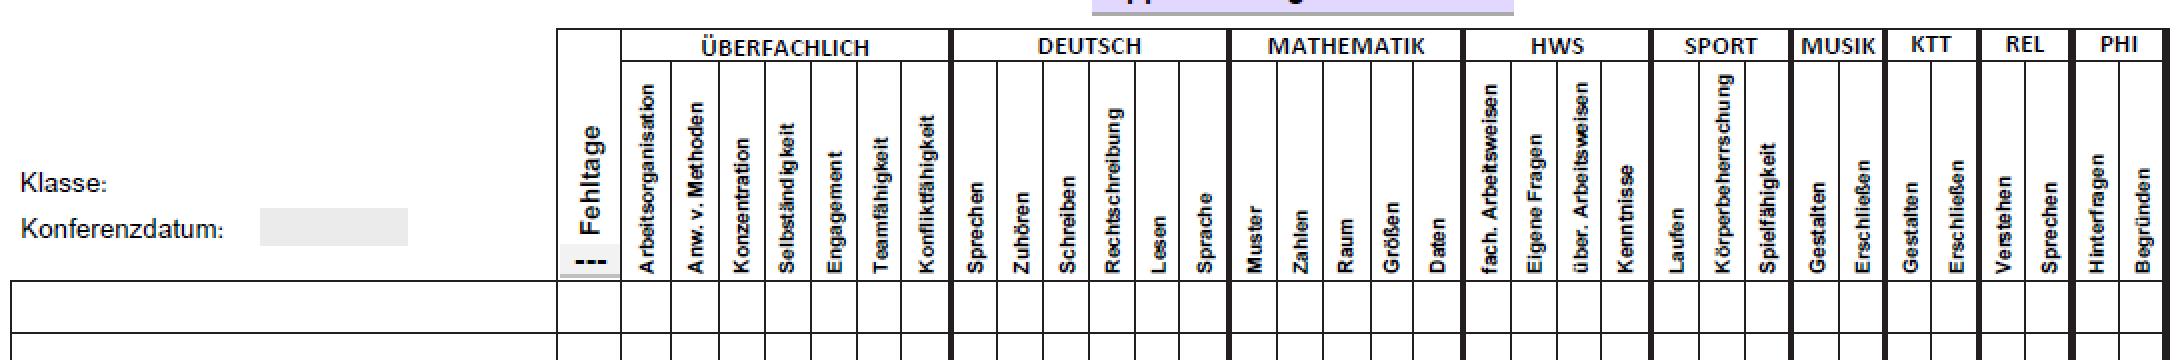 Update Dbs2000 Archiv Ziso Helpdesk